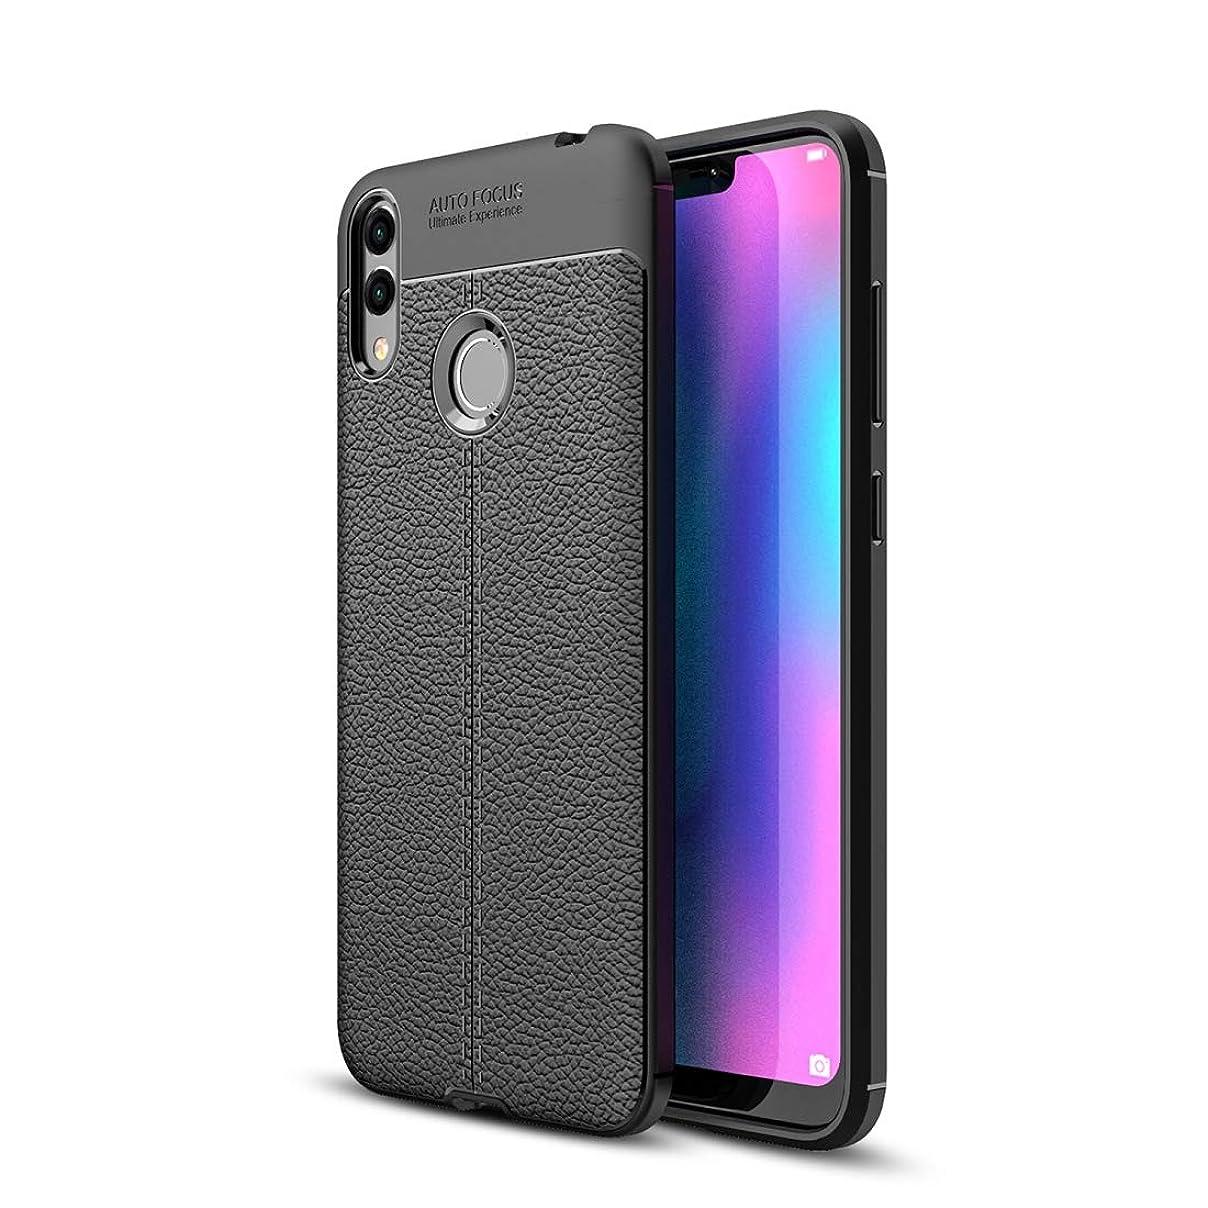 ティッシュ陽気な静脈Huawei Honor 8C用の素敵なLitchiテクスチャTPUショックプルーフケース(ブラック) Yikaja (色 : Black)